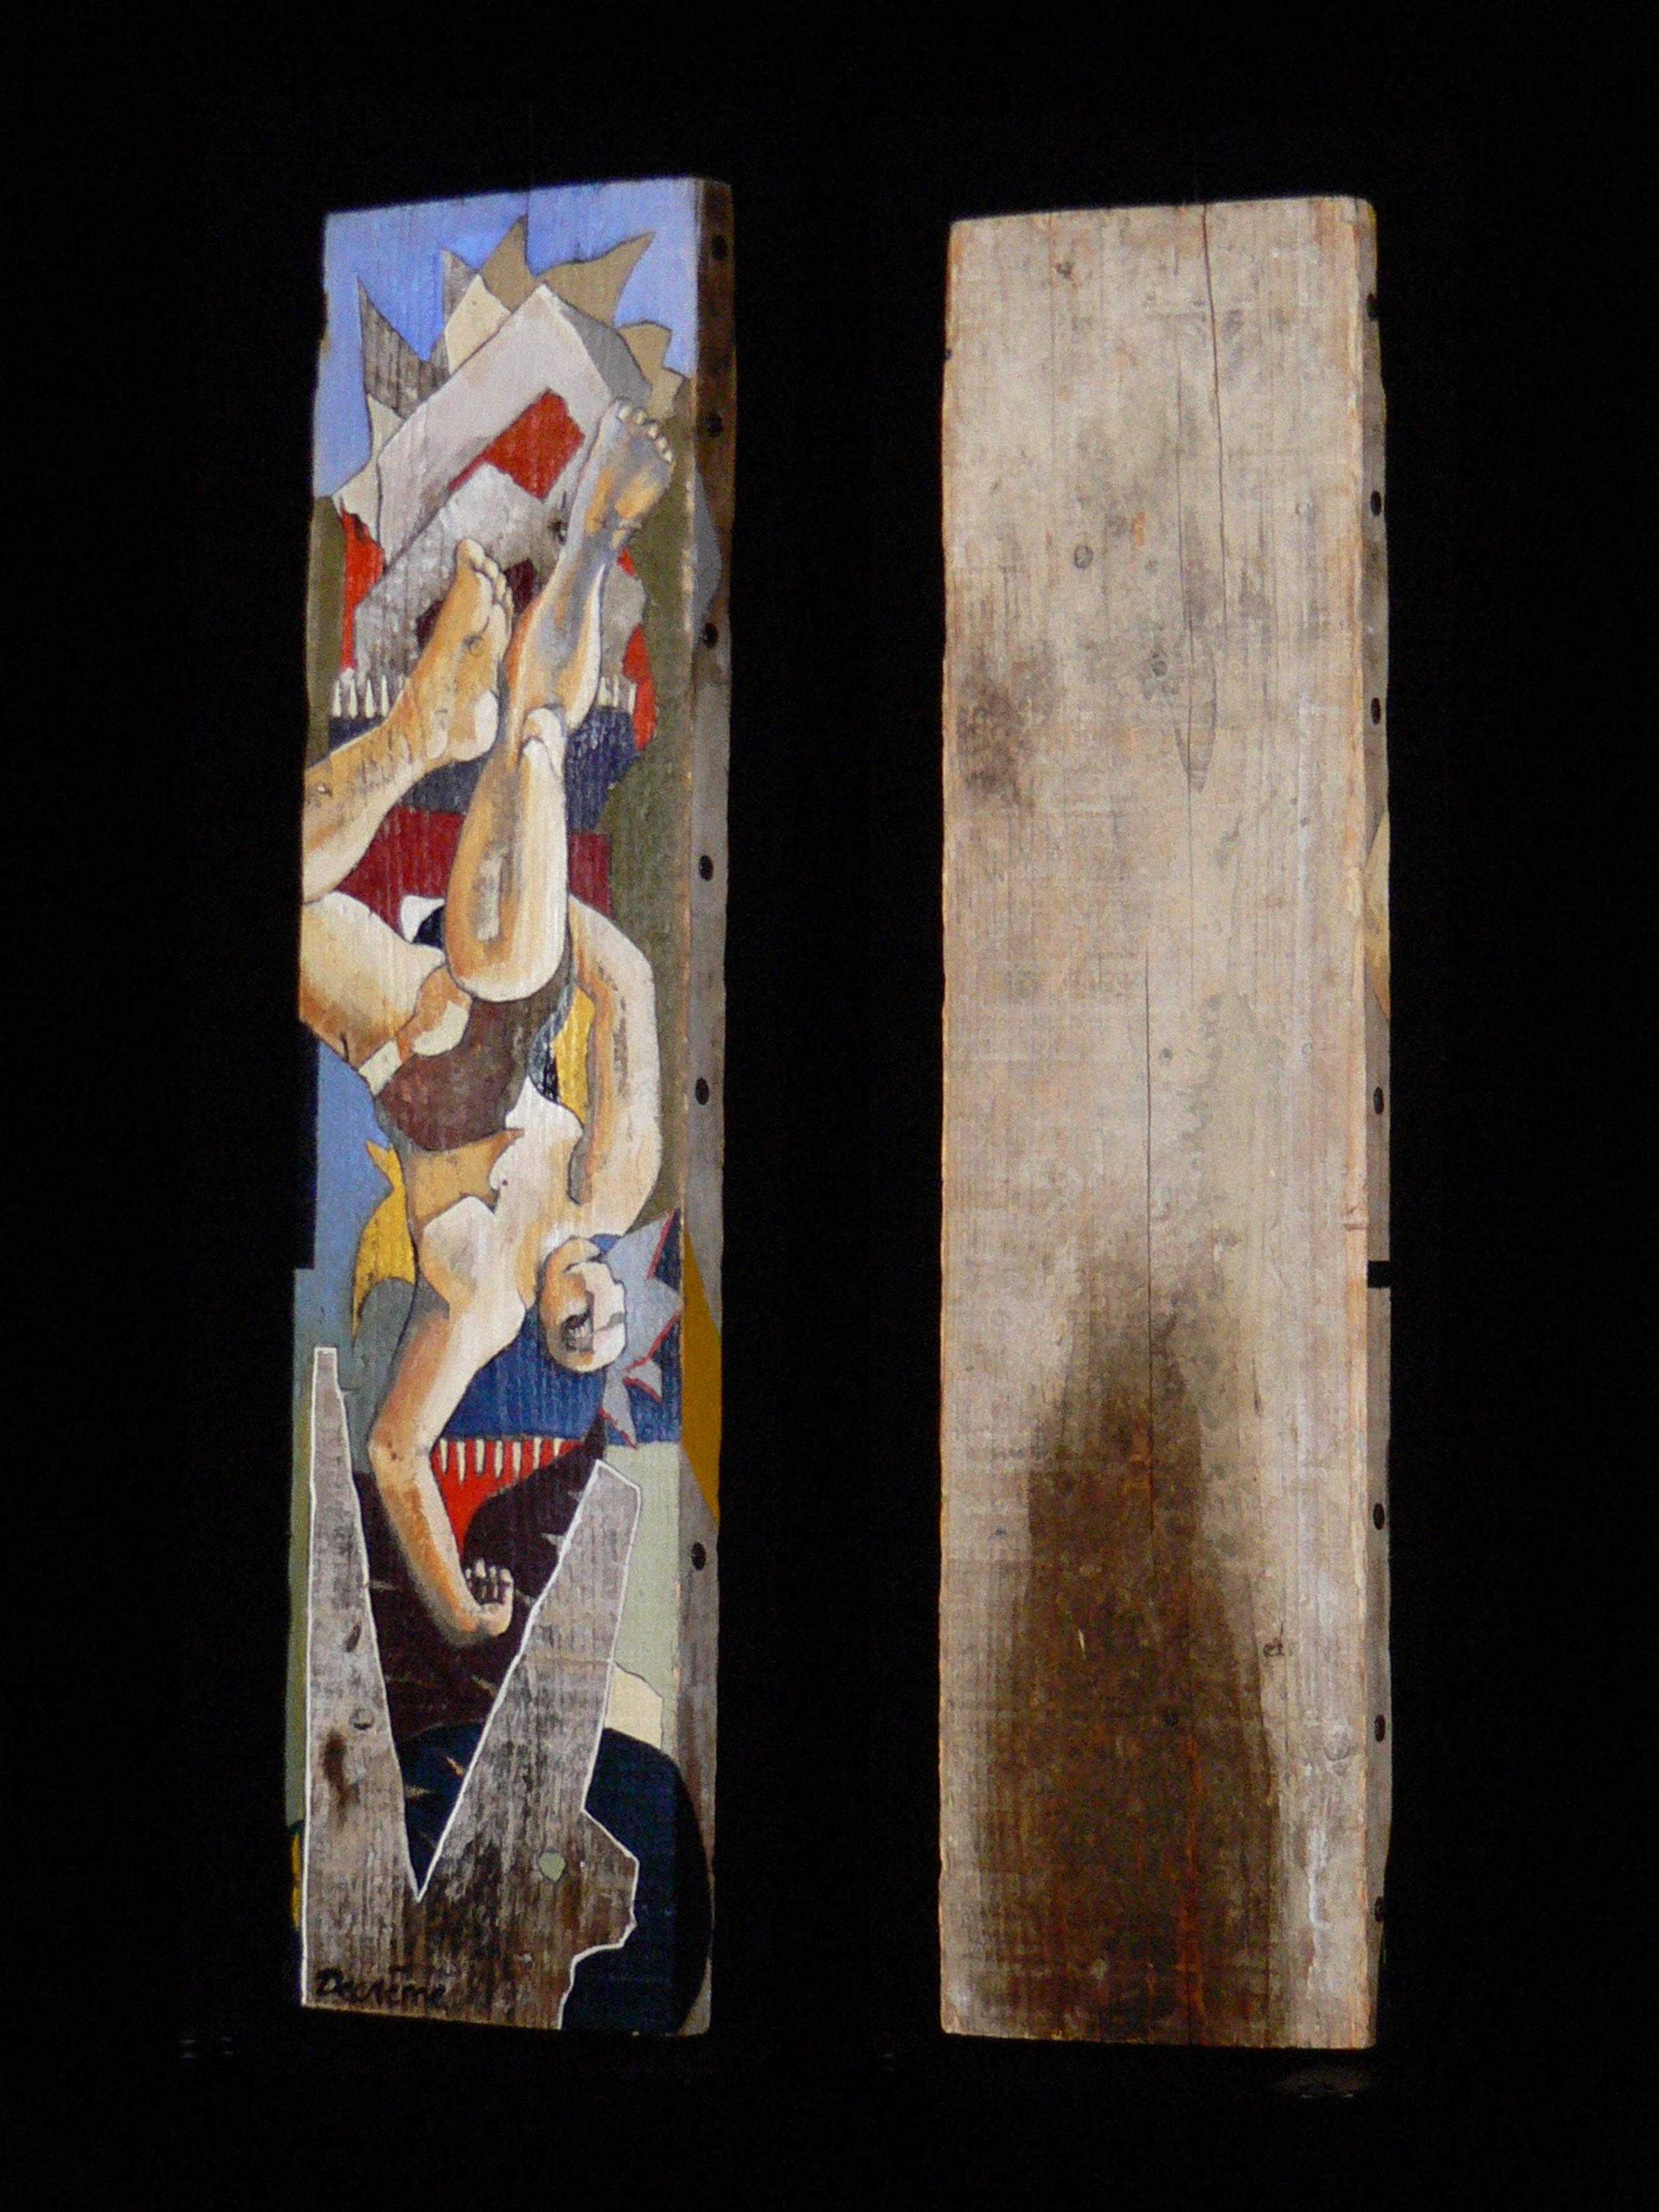 DECREME-2-Icare-II-peinture-sur-bois-80x25x8cm-1994